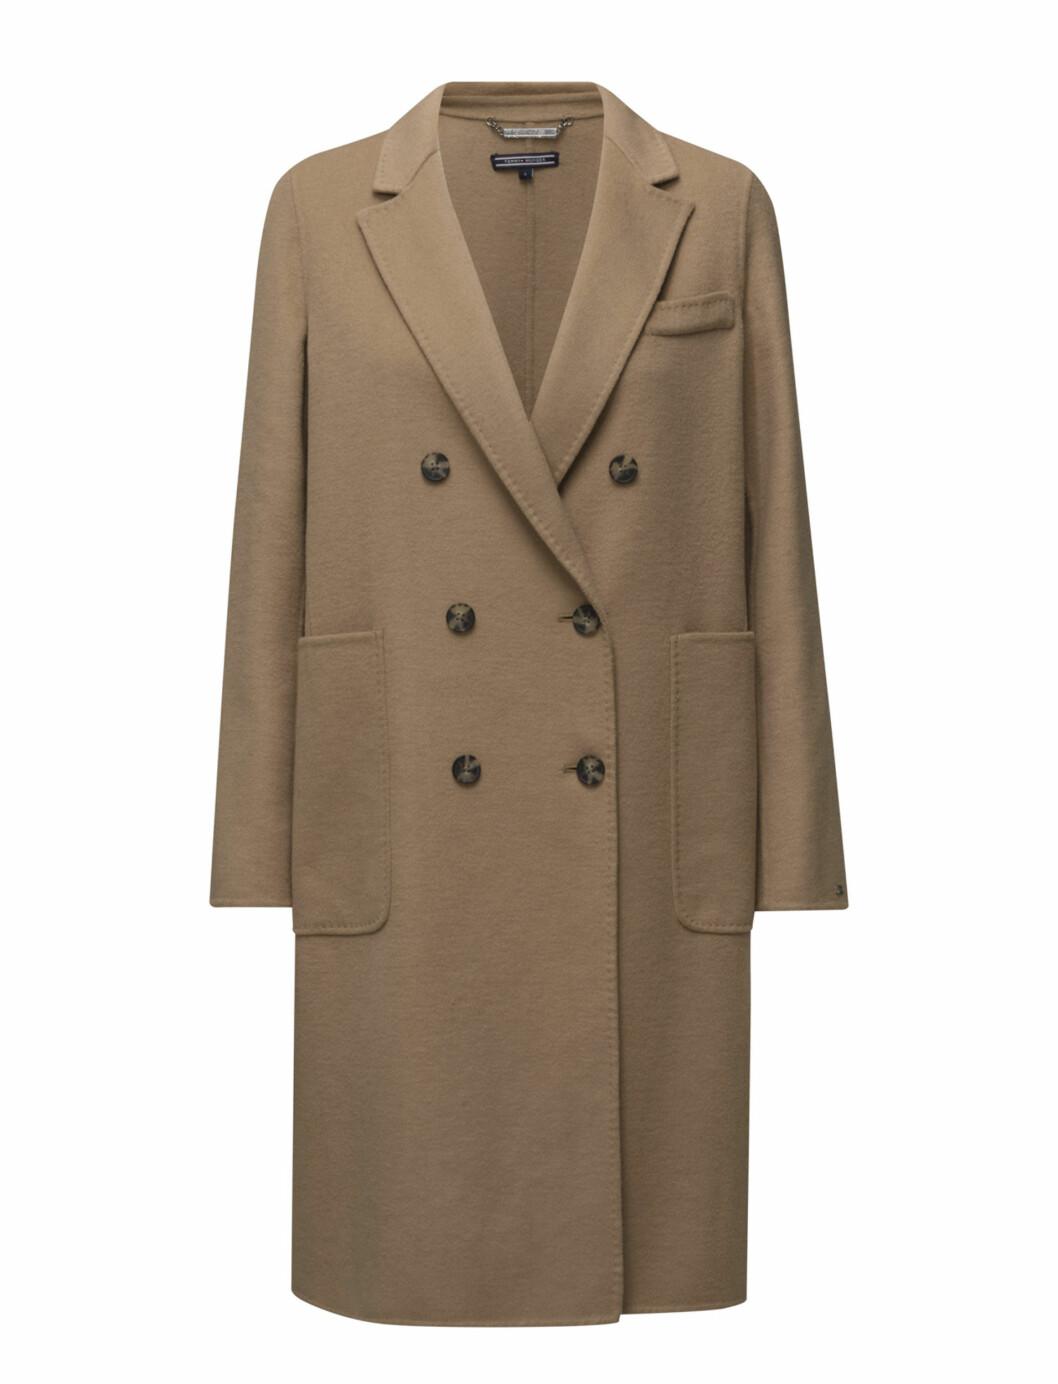 Kåpe fra Tommy Hilfiger via Boozt.com |4000,-| https://www.boozt.com/no/no/tommy-hilfiger/carmen-db-wool-coat_15707085/15707093?navId=67743&group=listing&position=1500000